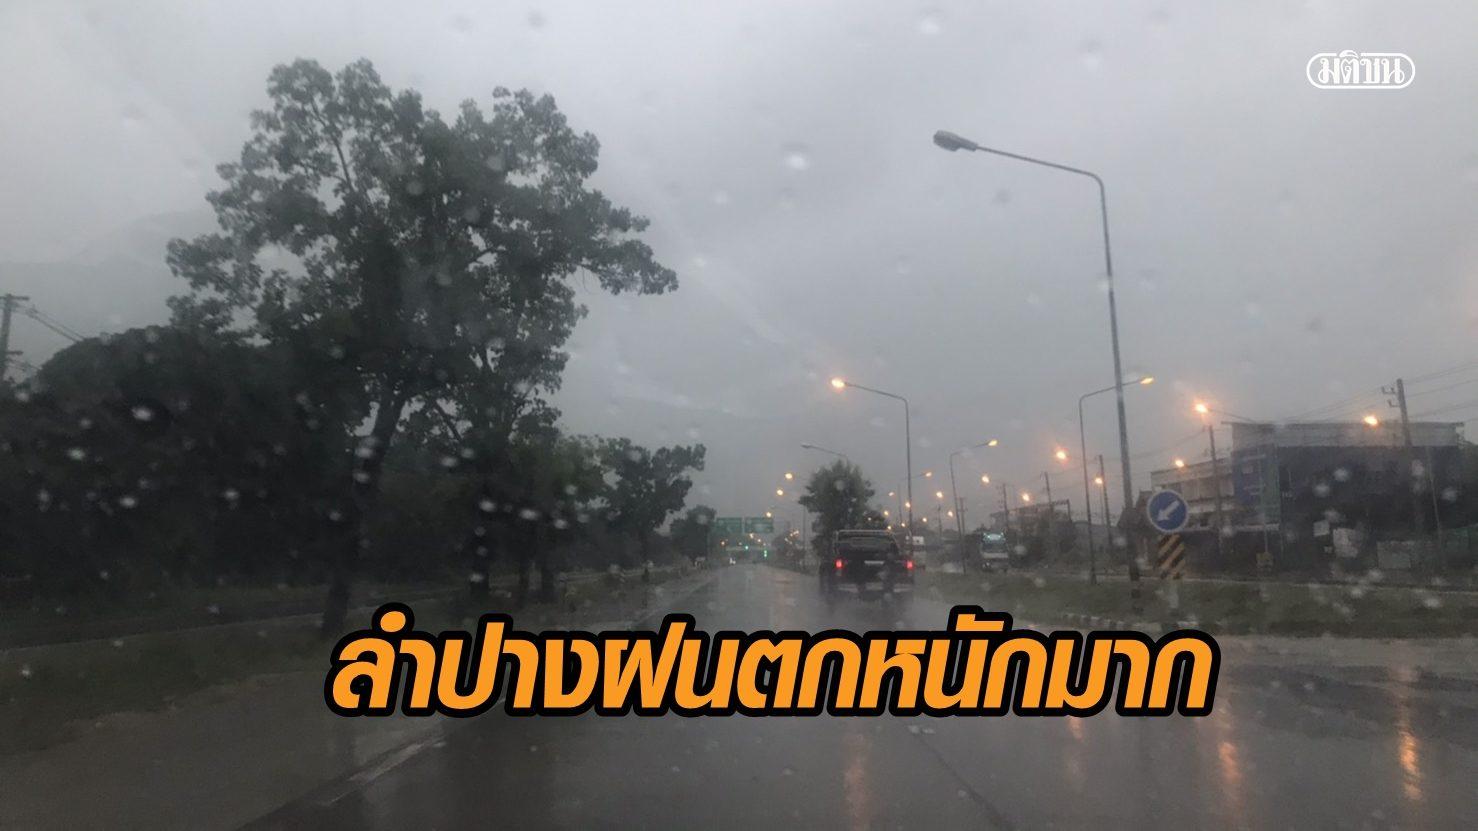 ลำปางฝนตกหนักต่อเนื่อง ยาวตั้งแต่เมื่อคืนจนถึงเช้านี้ ปภ.เตือนเสี่ยงภัยน้ำป่าหลาก